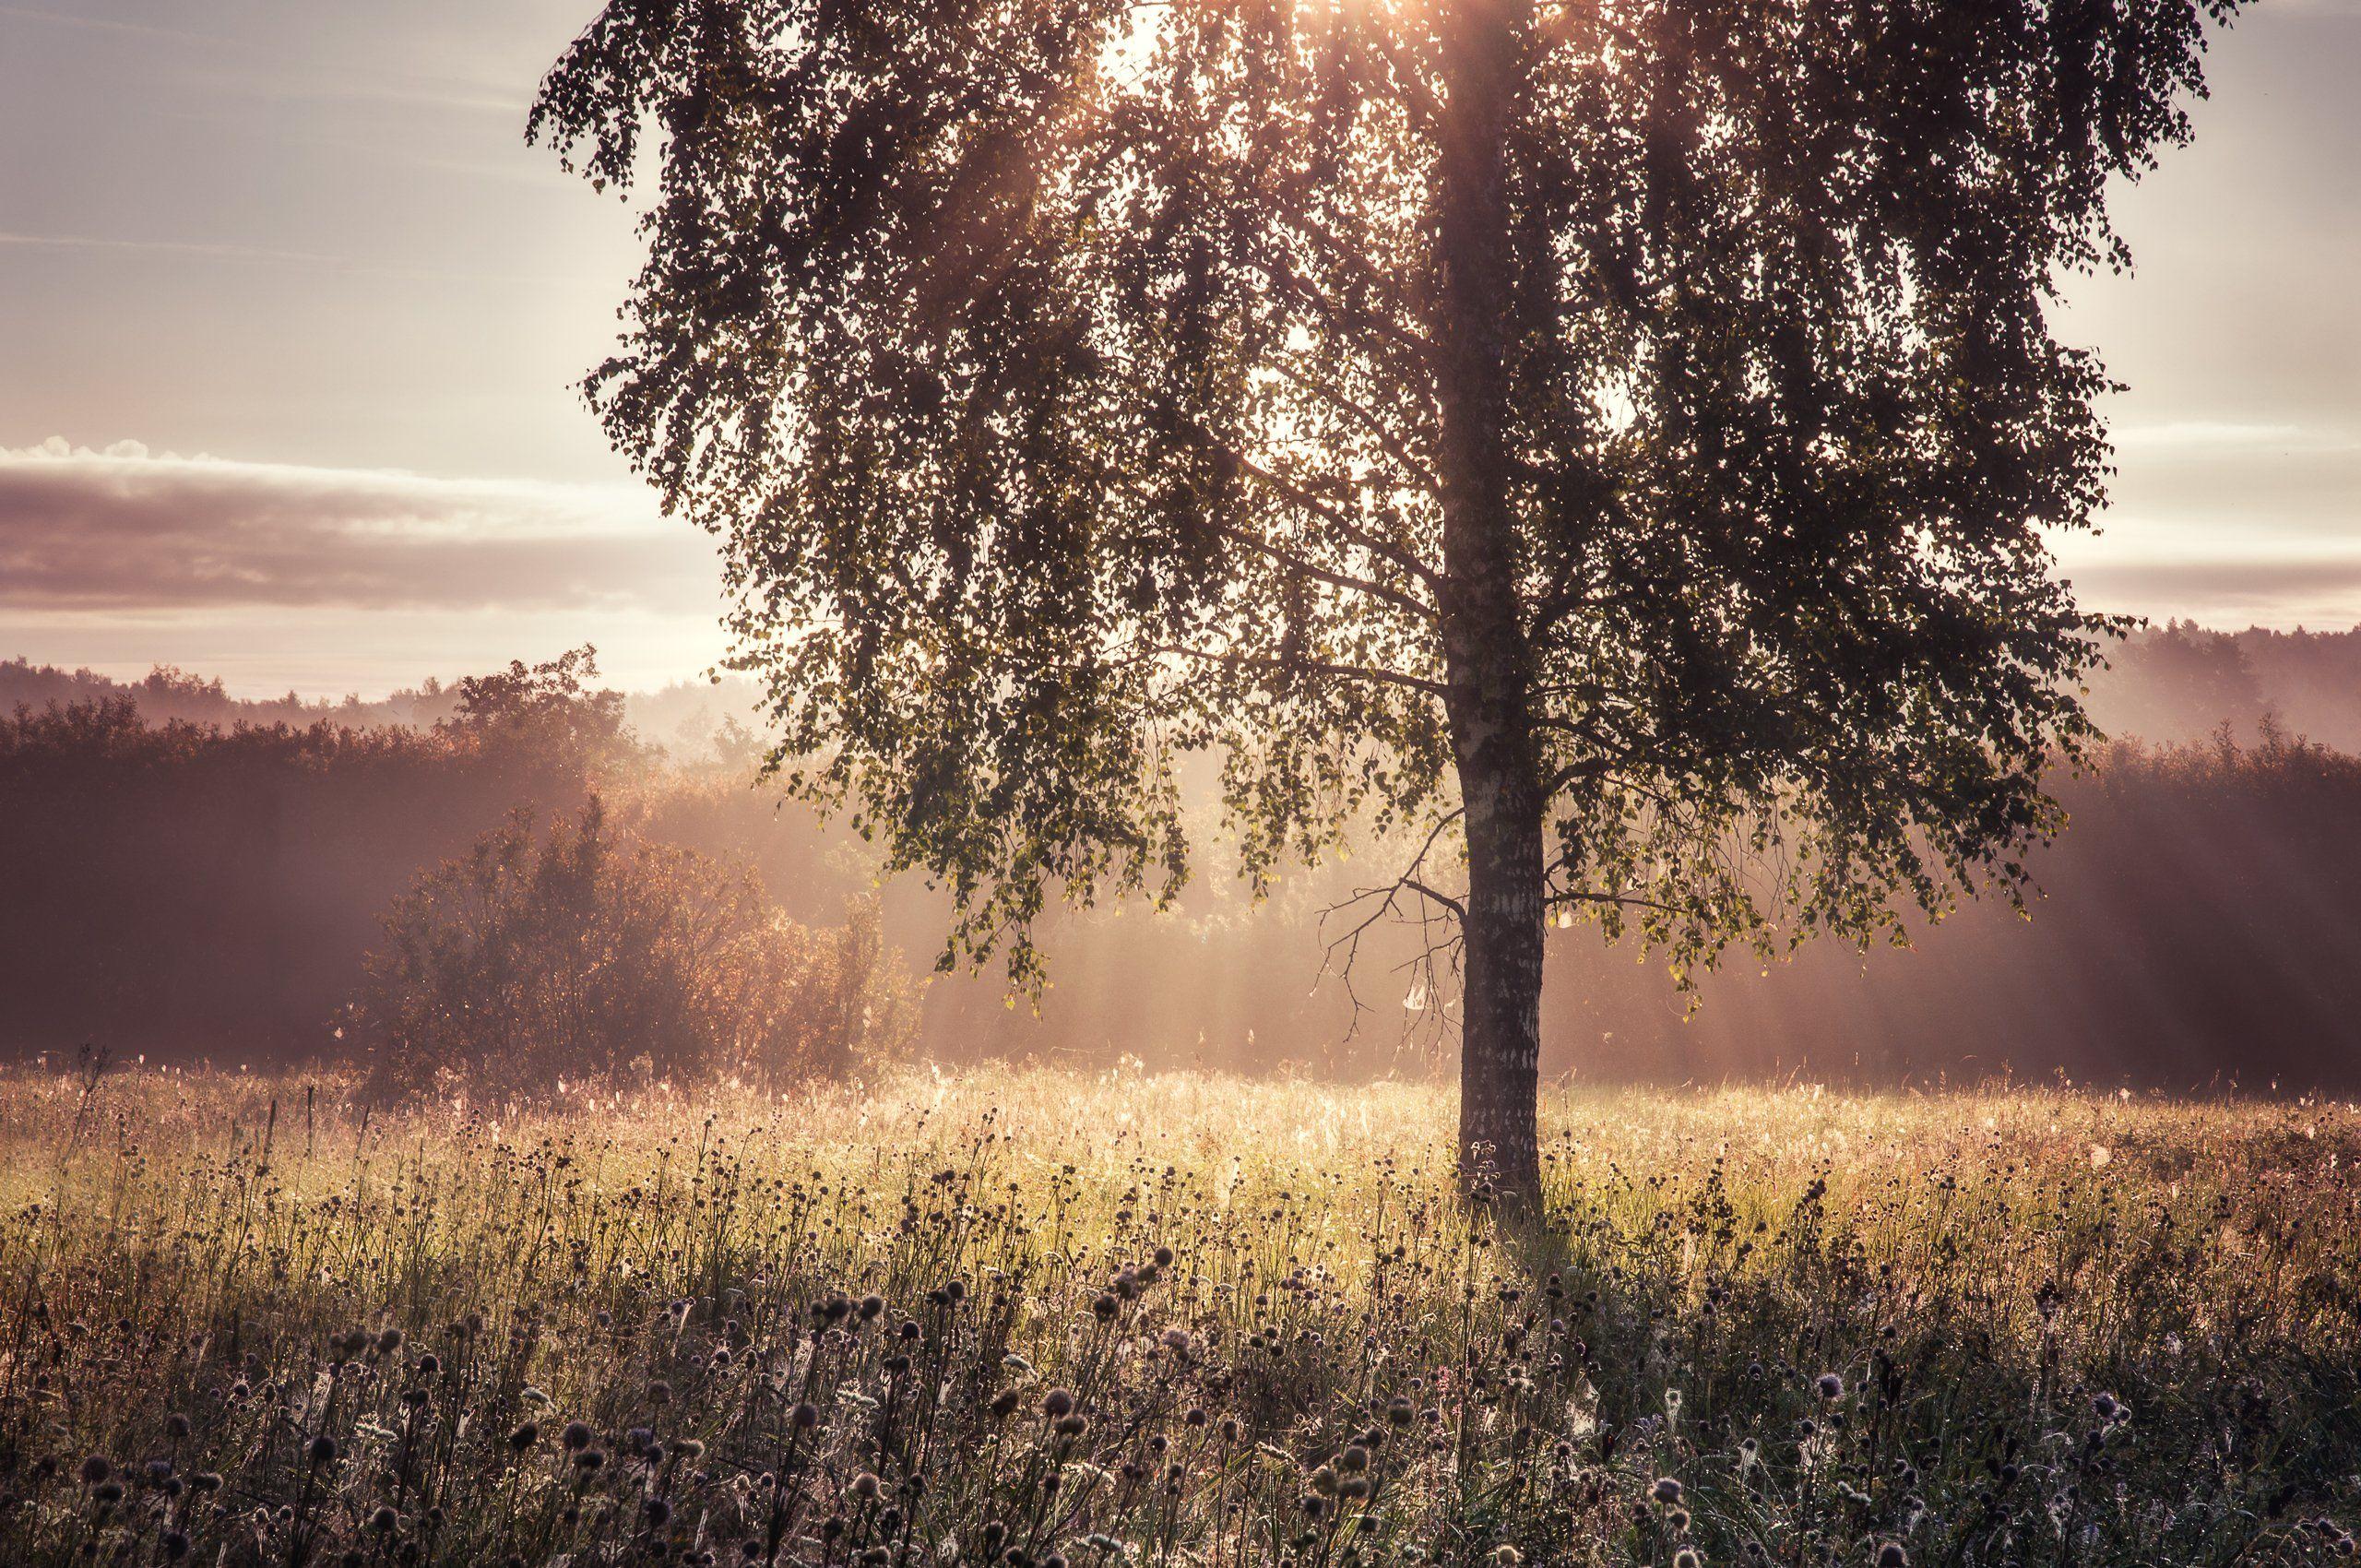 природа, рассвет, туман, солнце, пейзаж, nature, dawn, sun, fog, landscape, Алексей Сергованцев